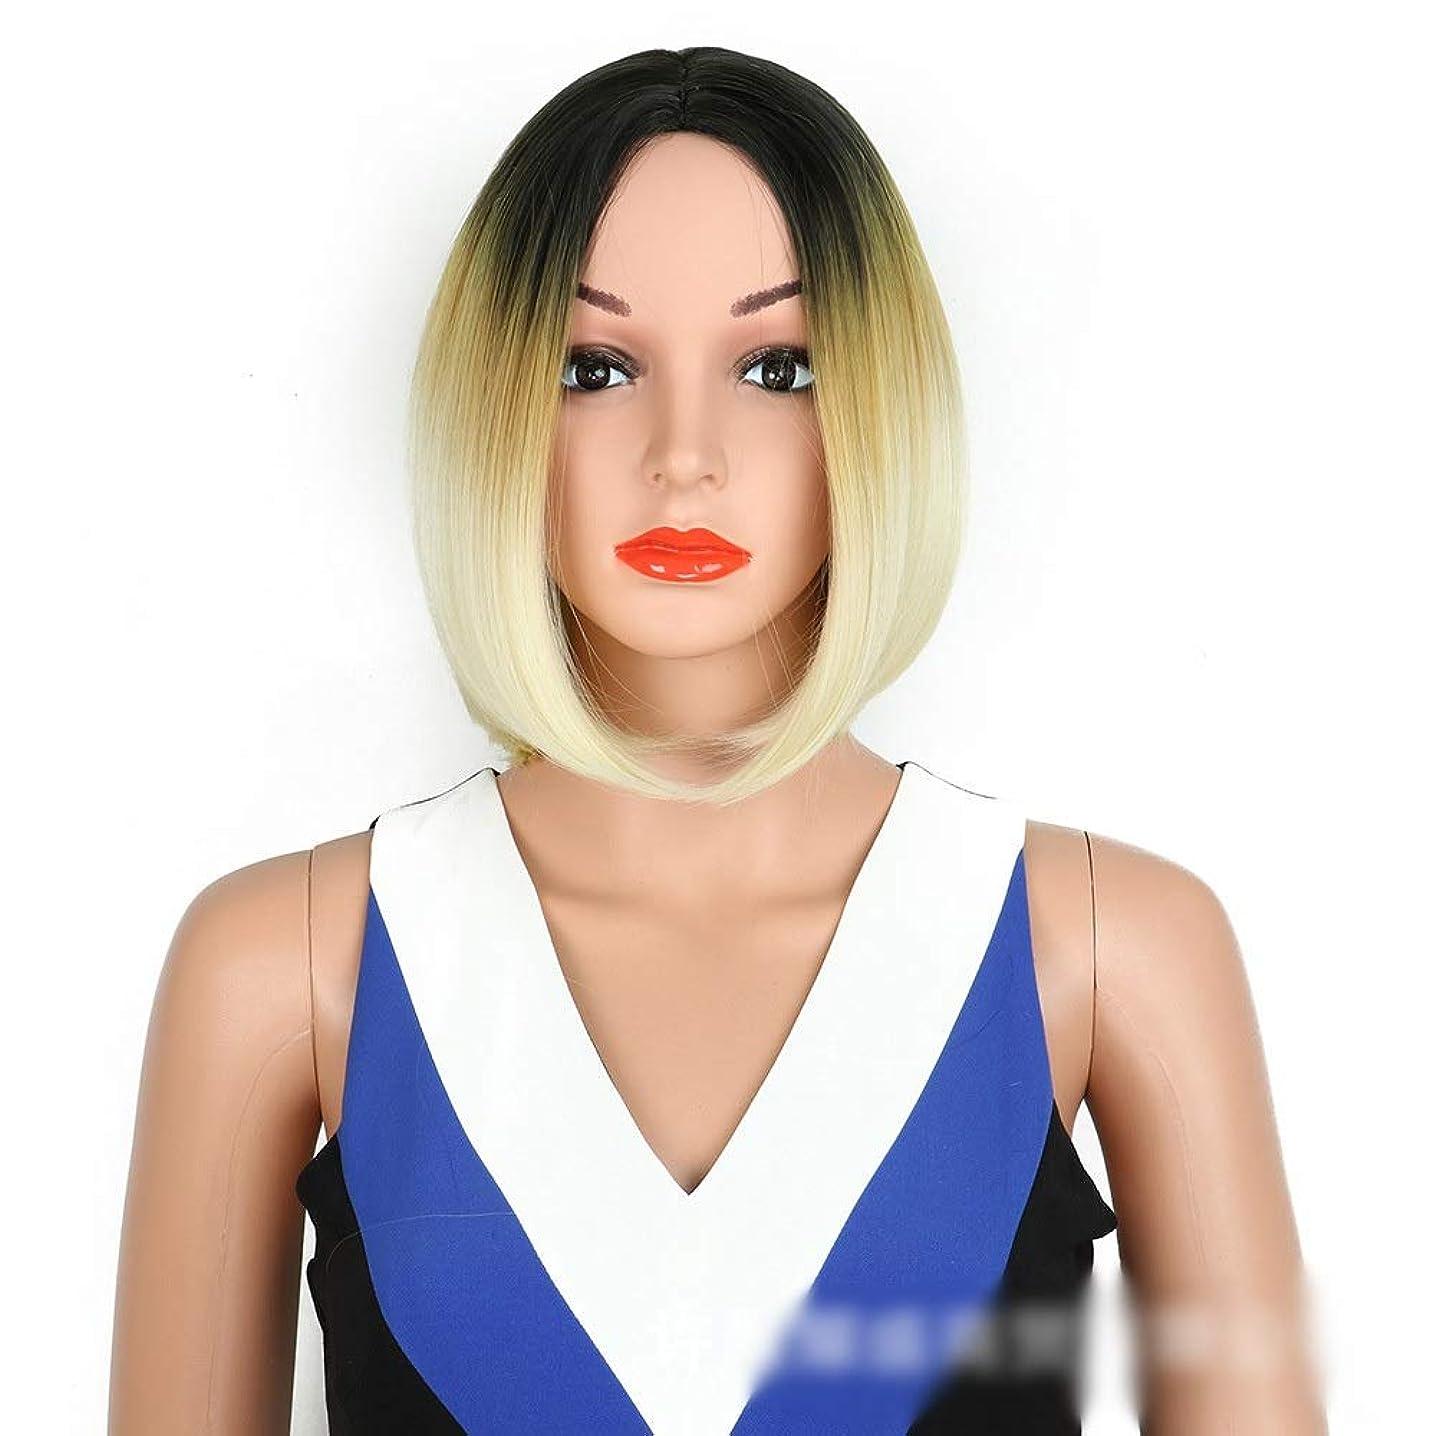 タイル復活させる再発するHOHYLLYA オンブルブラウンボブウィッグミドルショートストレート人工毛ウィッグダークルーツグラデーションカラーヘア用女性パーティーウィッグ (色 : Blonde)